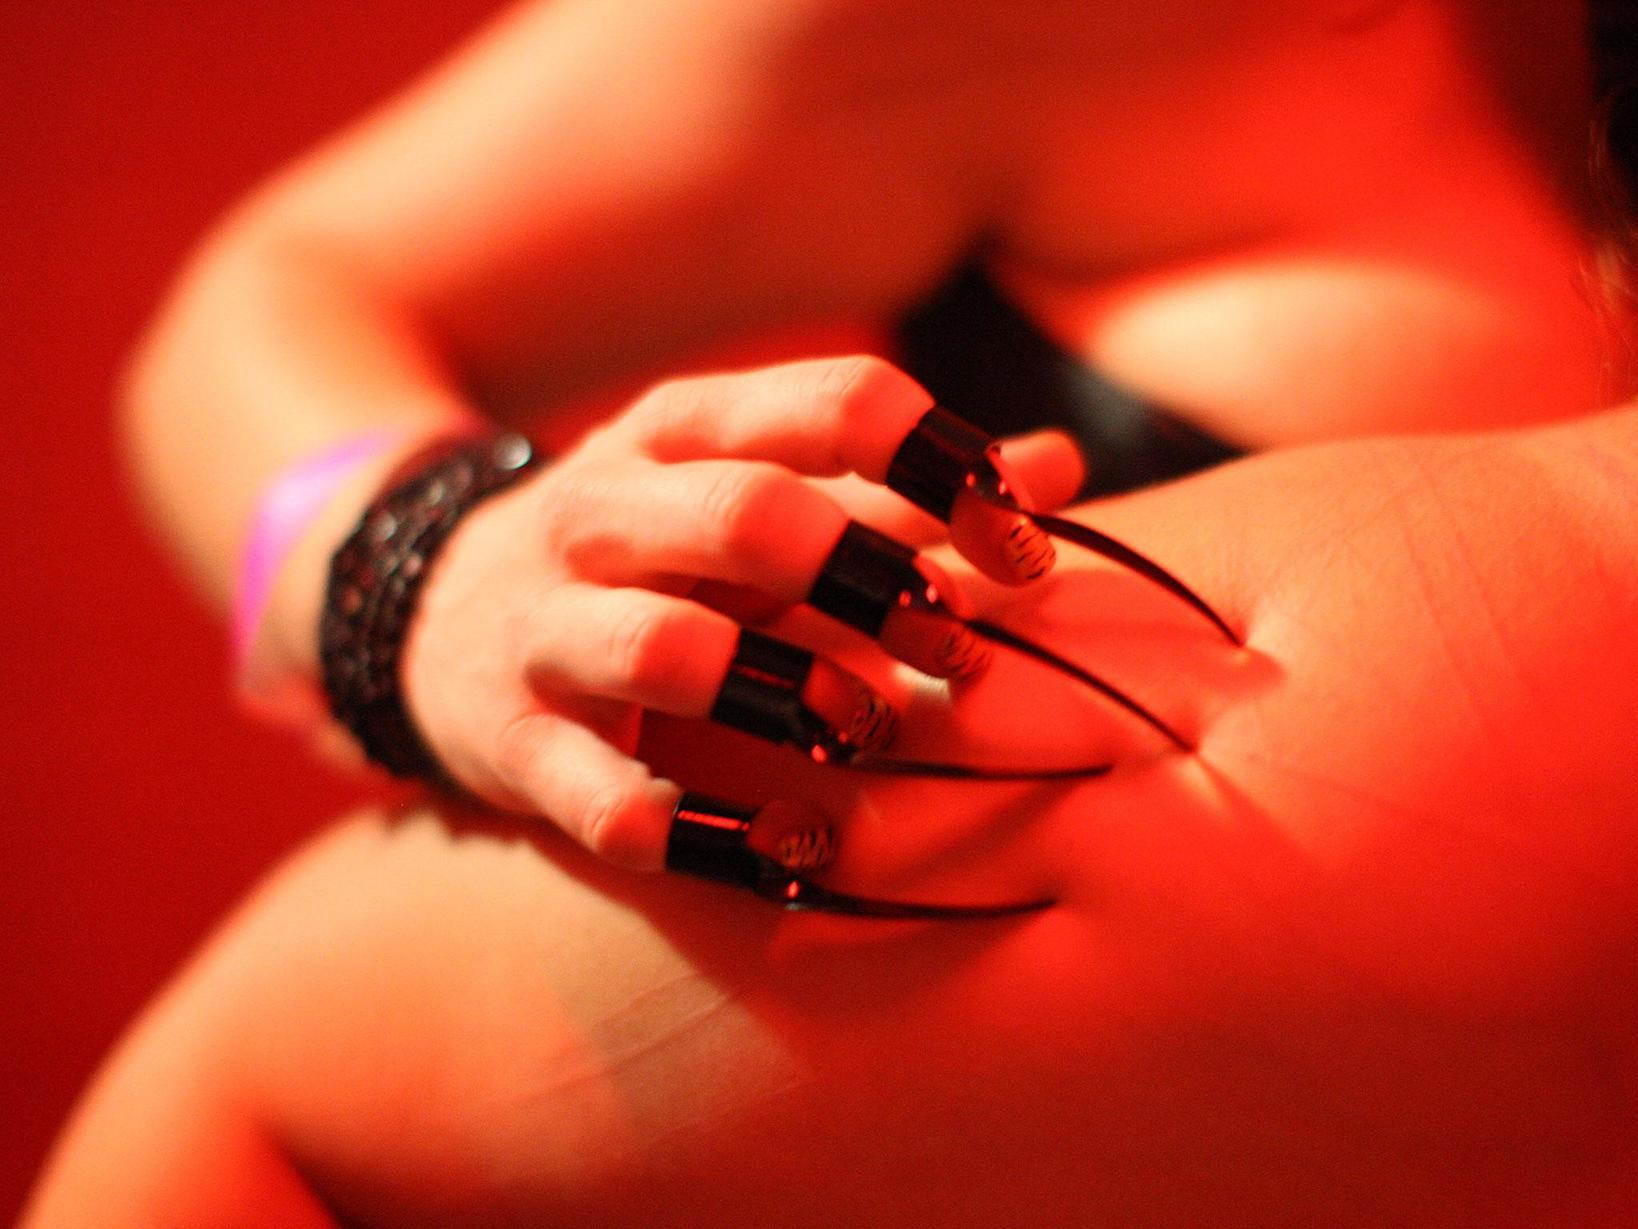 Фото пытки сексом, бдсм фото порно и секс - смотреть бесплатно на devahy 26 фотография